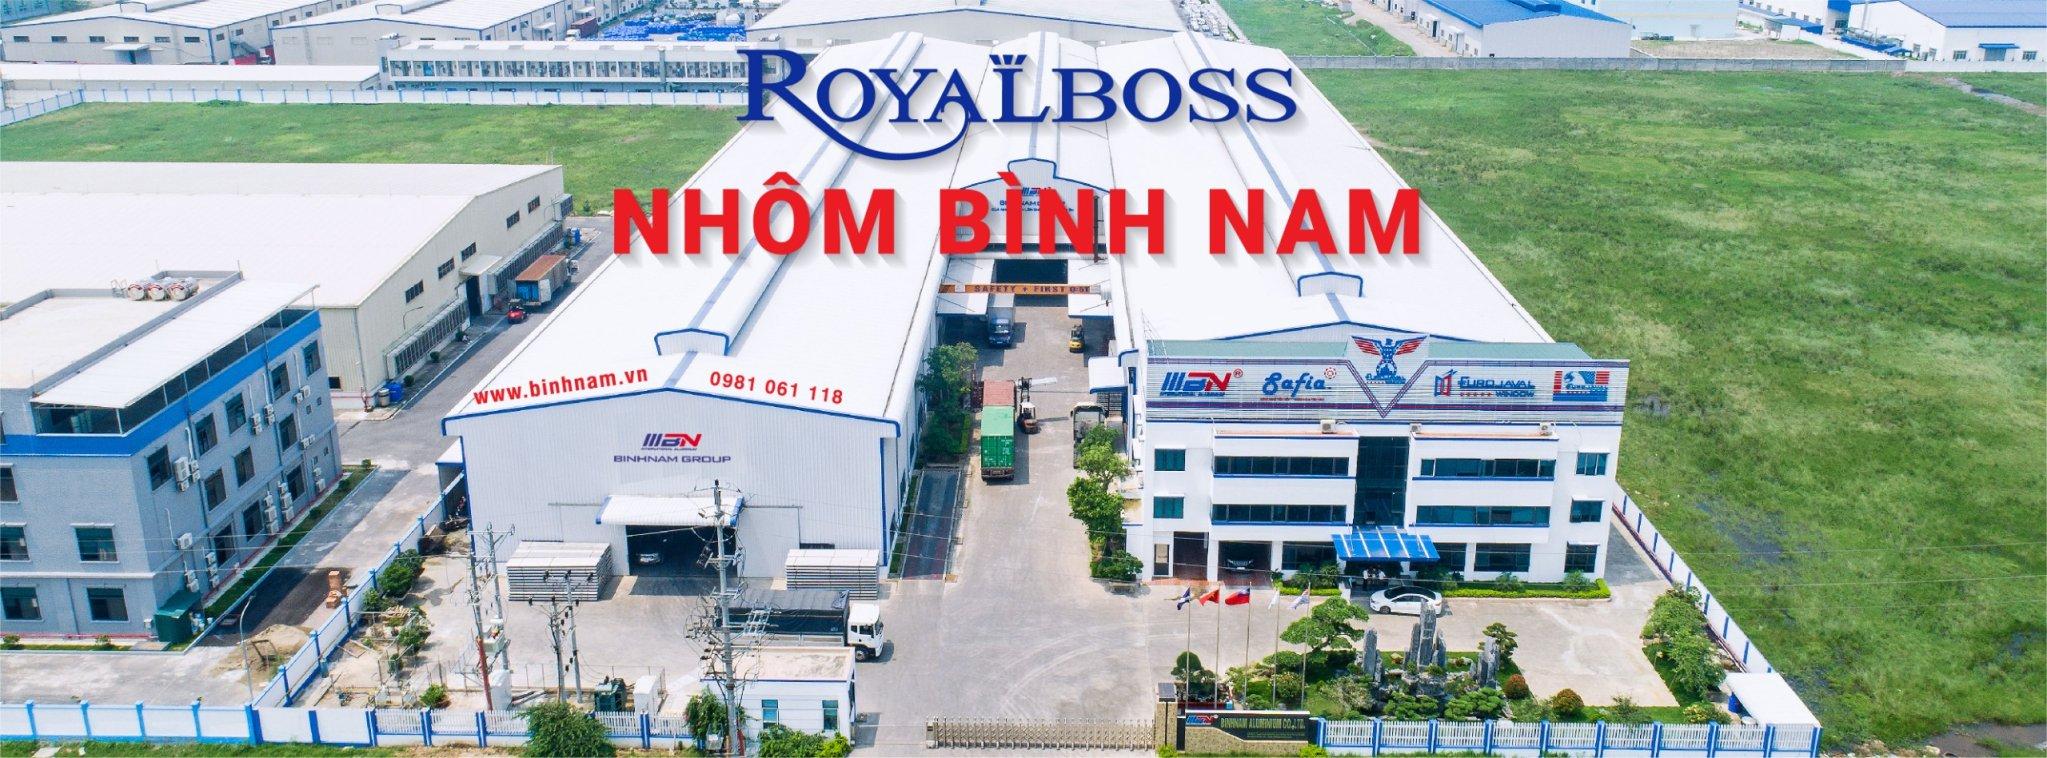 Bình Nam Group - CÔNG TY TNHH NHÔM BÌNH NAM